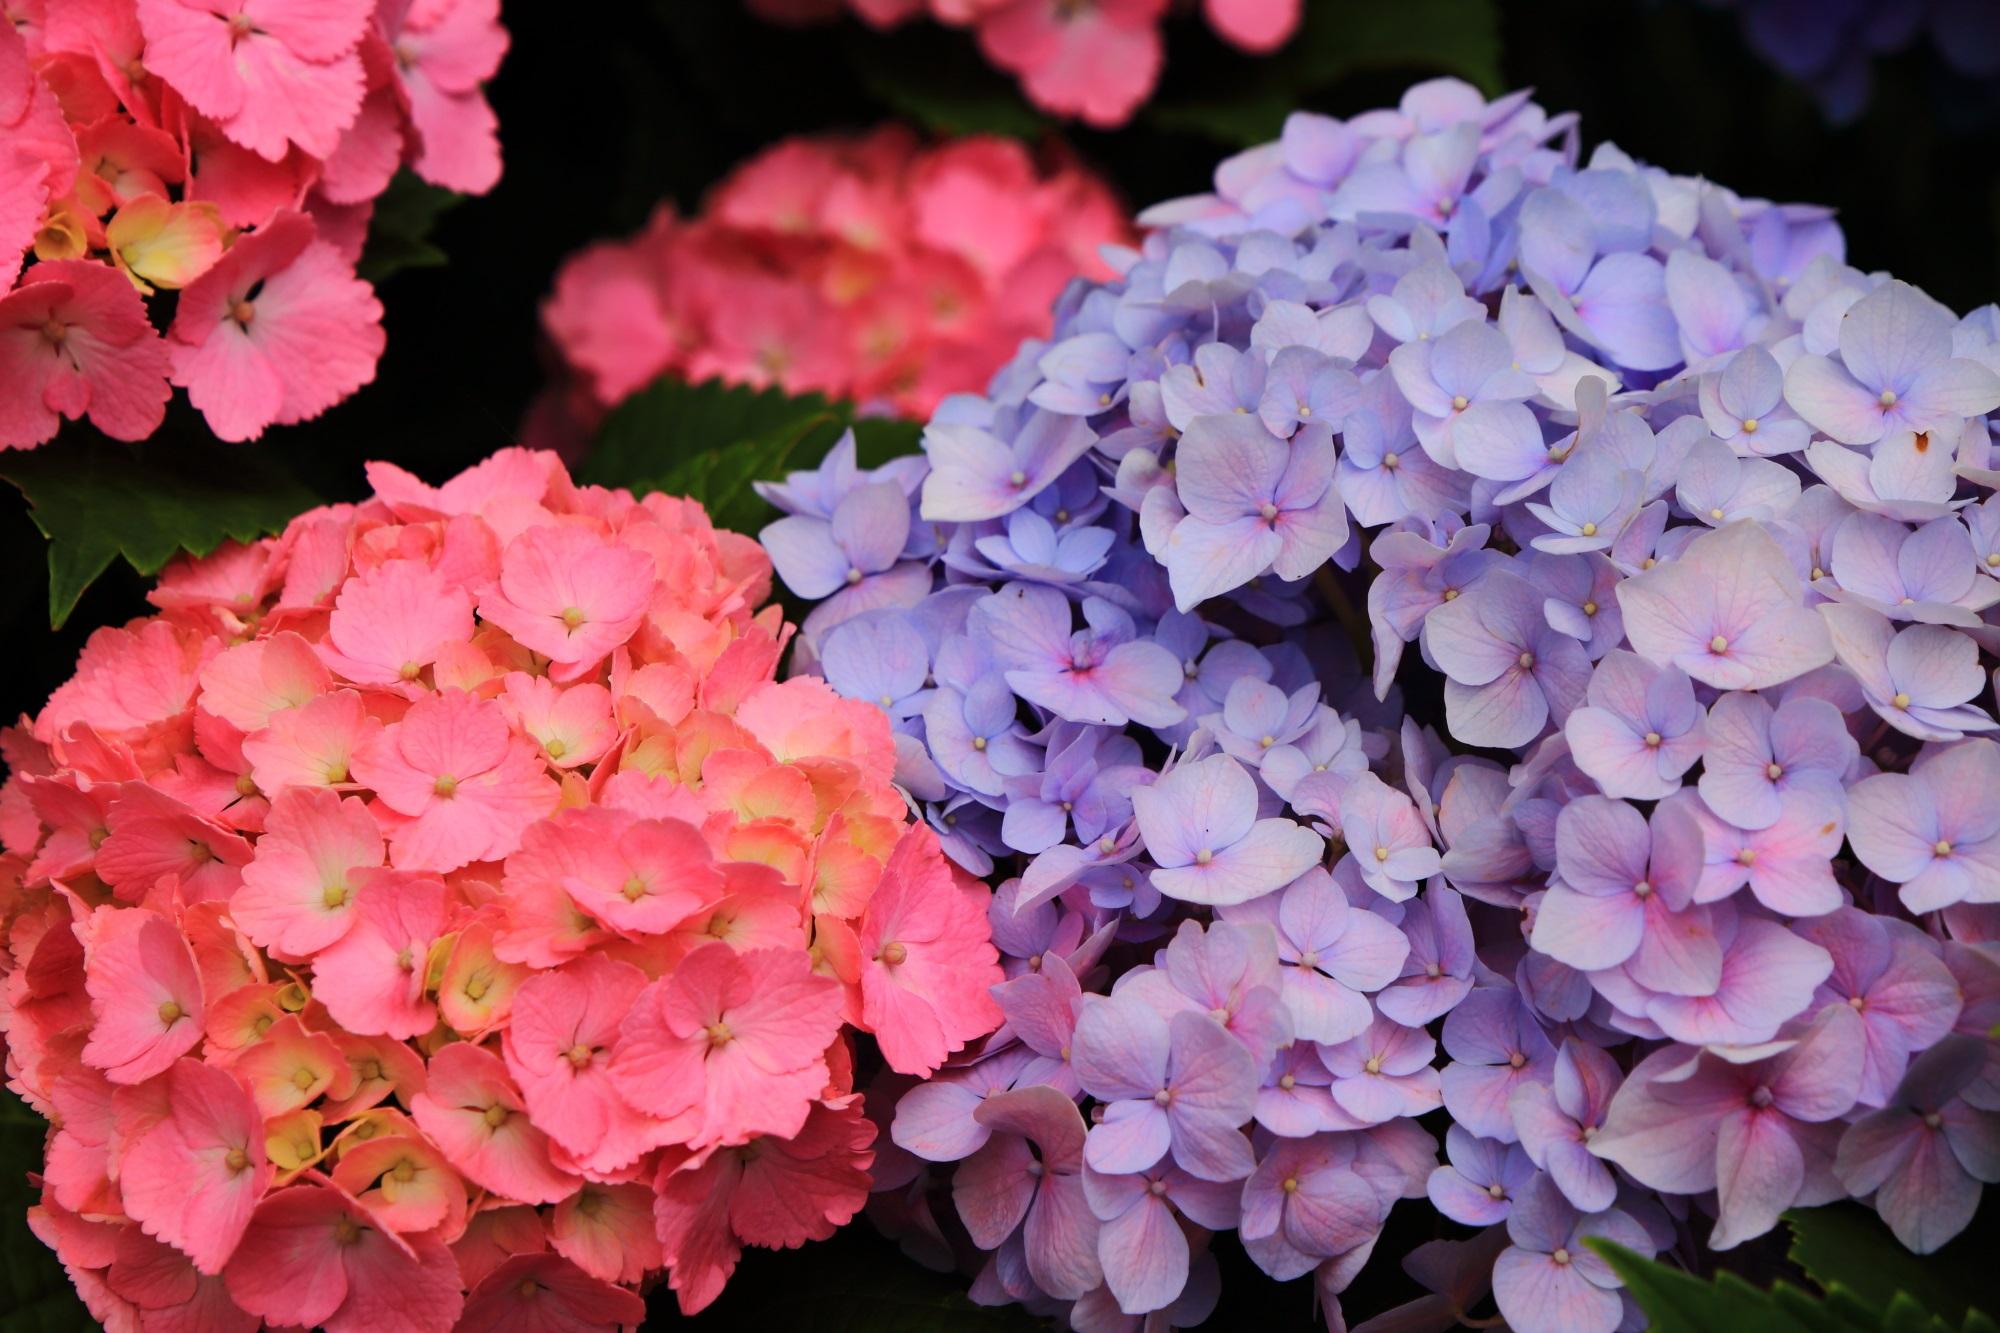 薄い紫のアジサイと鮮やかなピンクのアジサイの綺麗なコントラスト